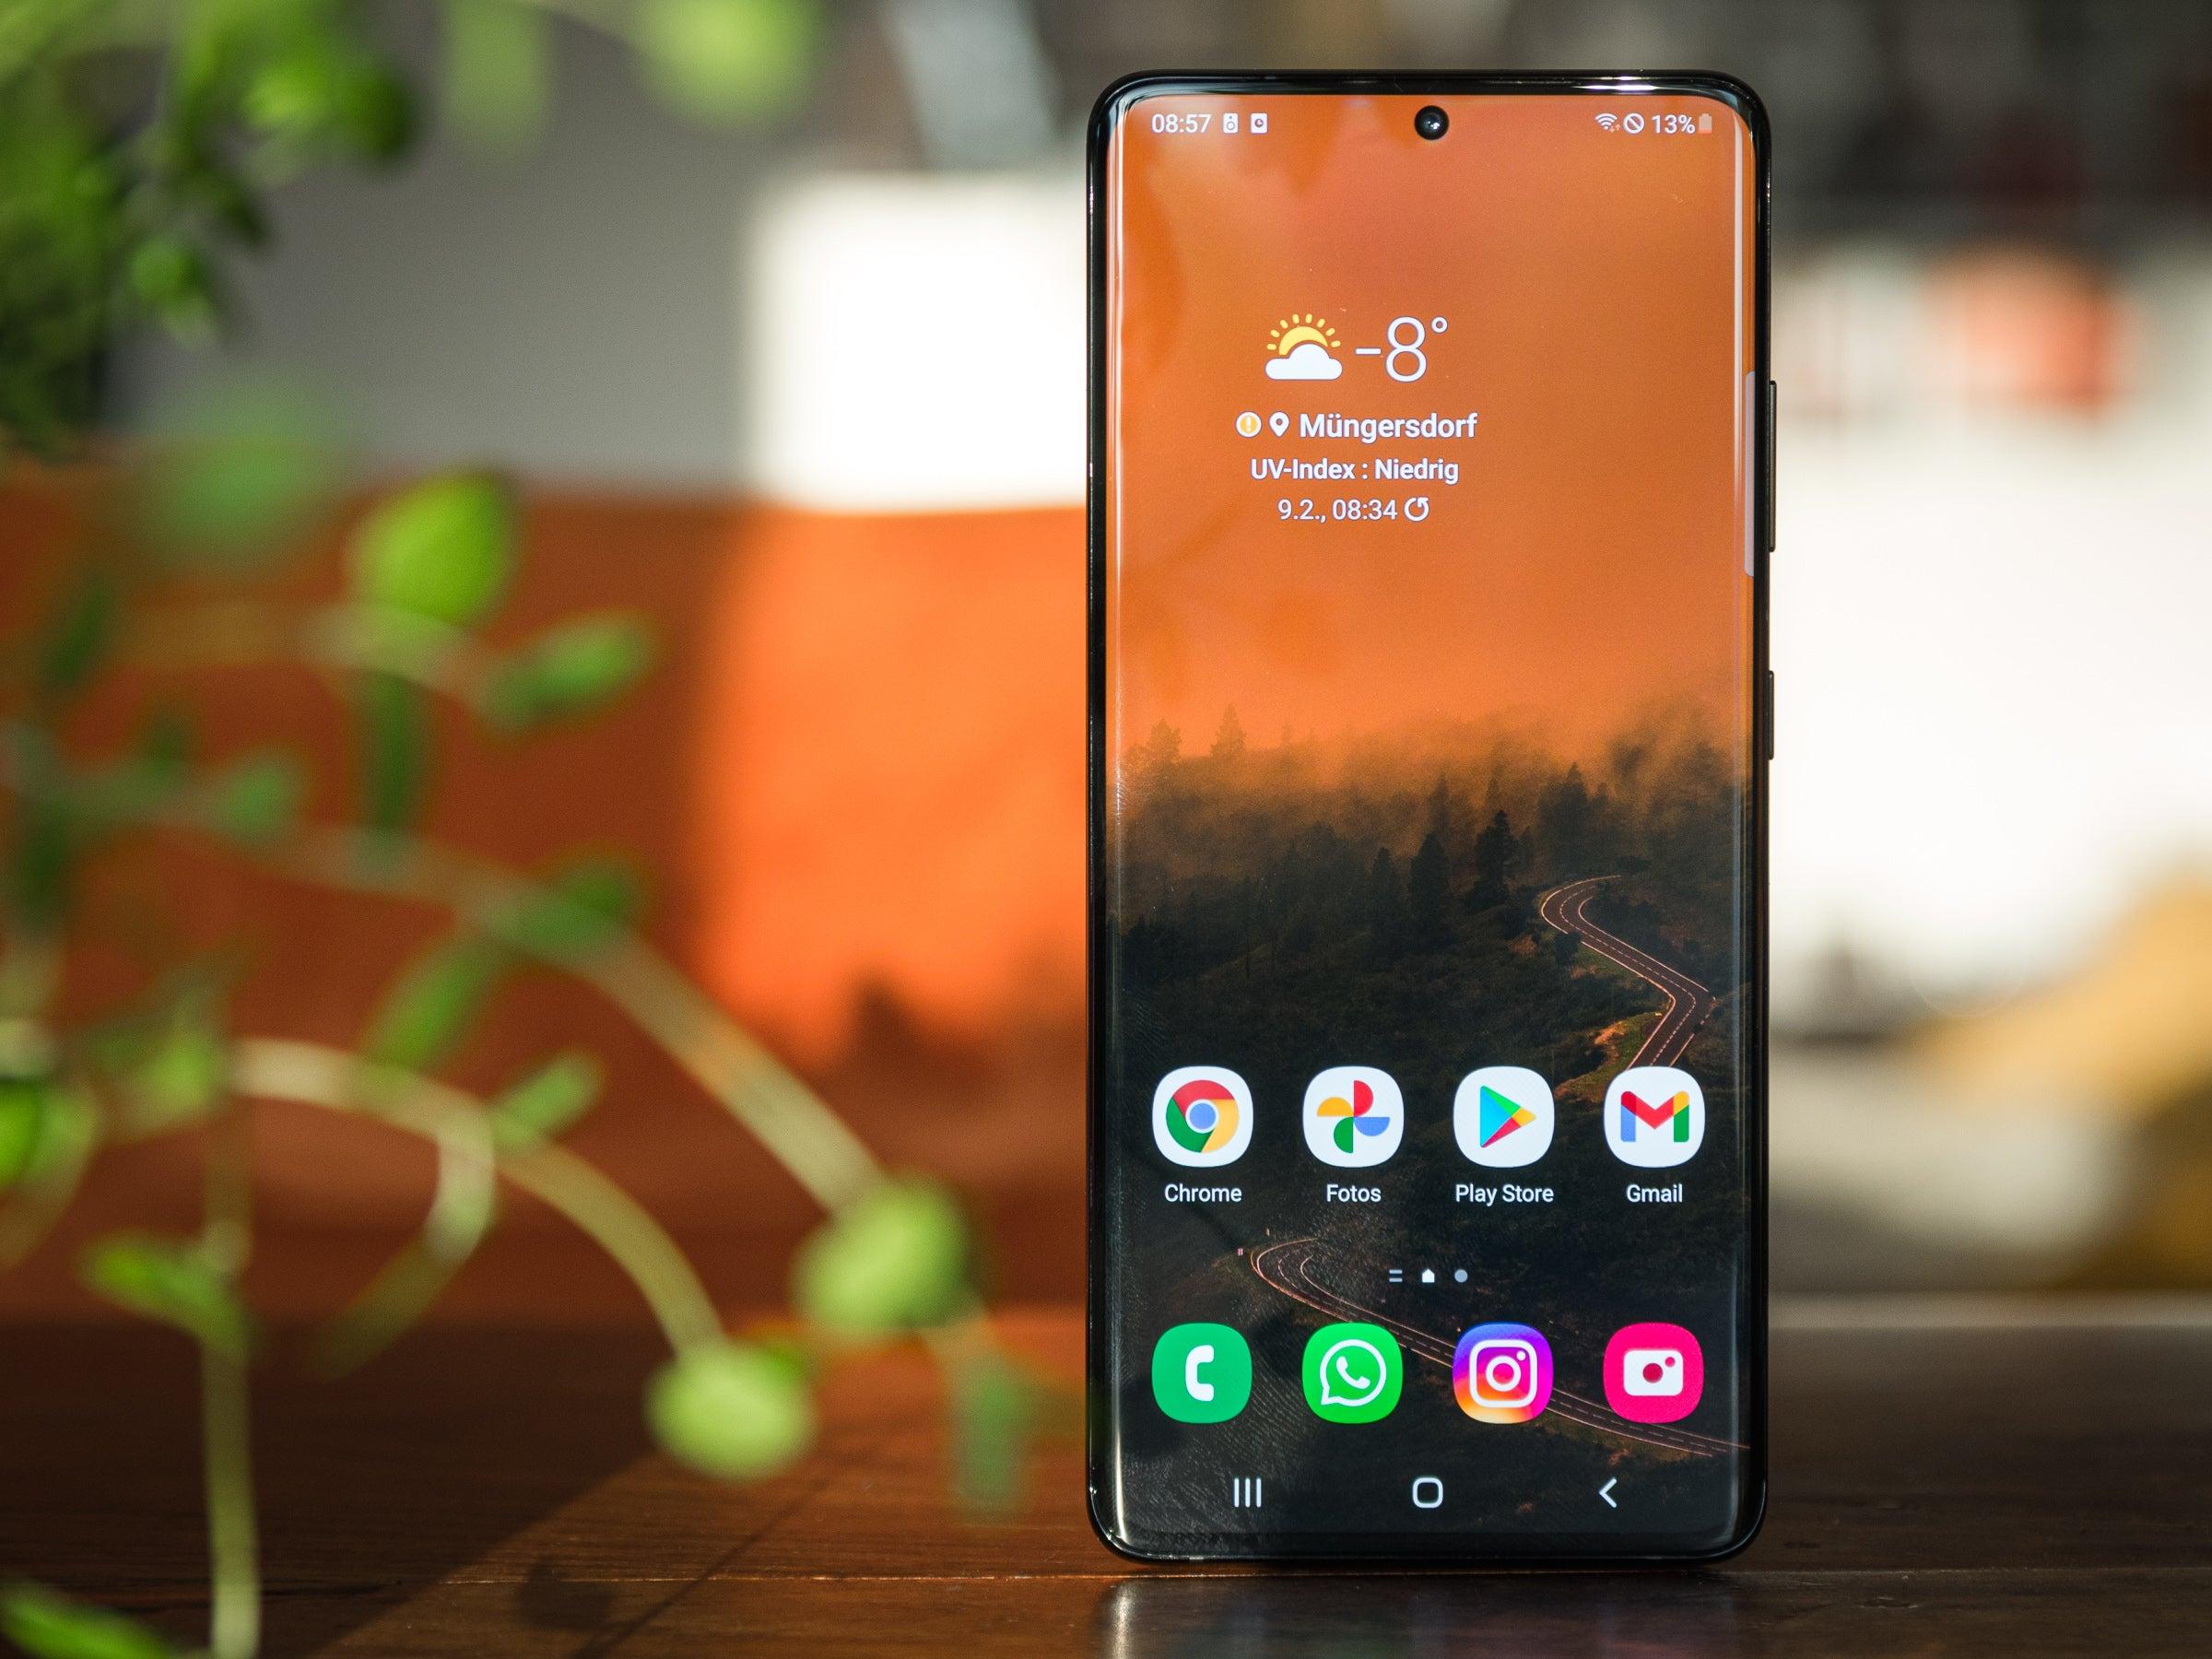 Das Galaxy S21 Ultra ist eines der aktuell besten Smartphones auf dem Markt und jeden Euro wert.